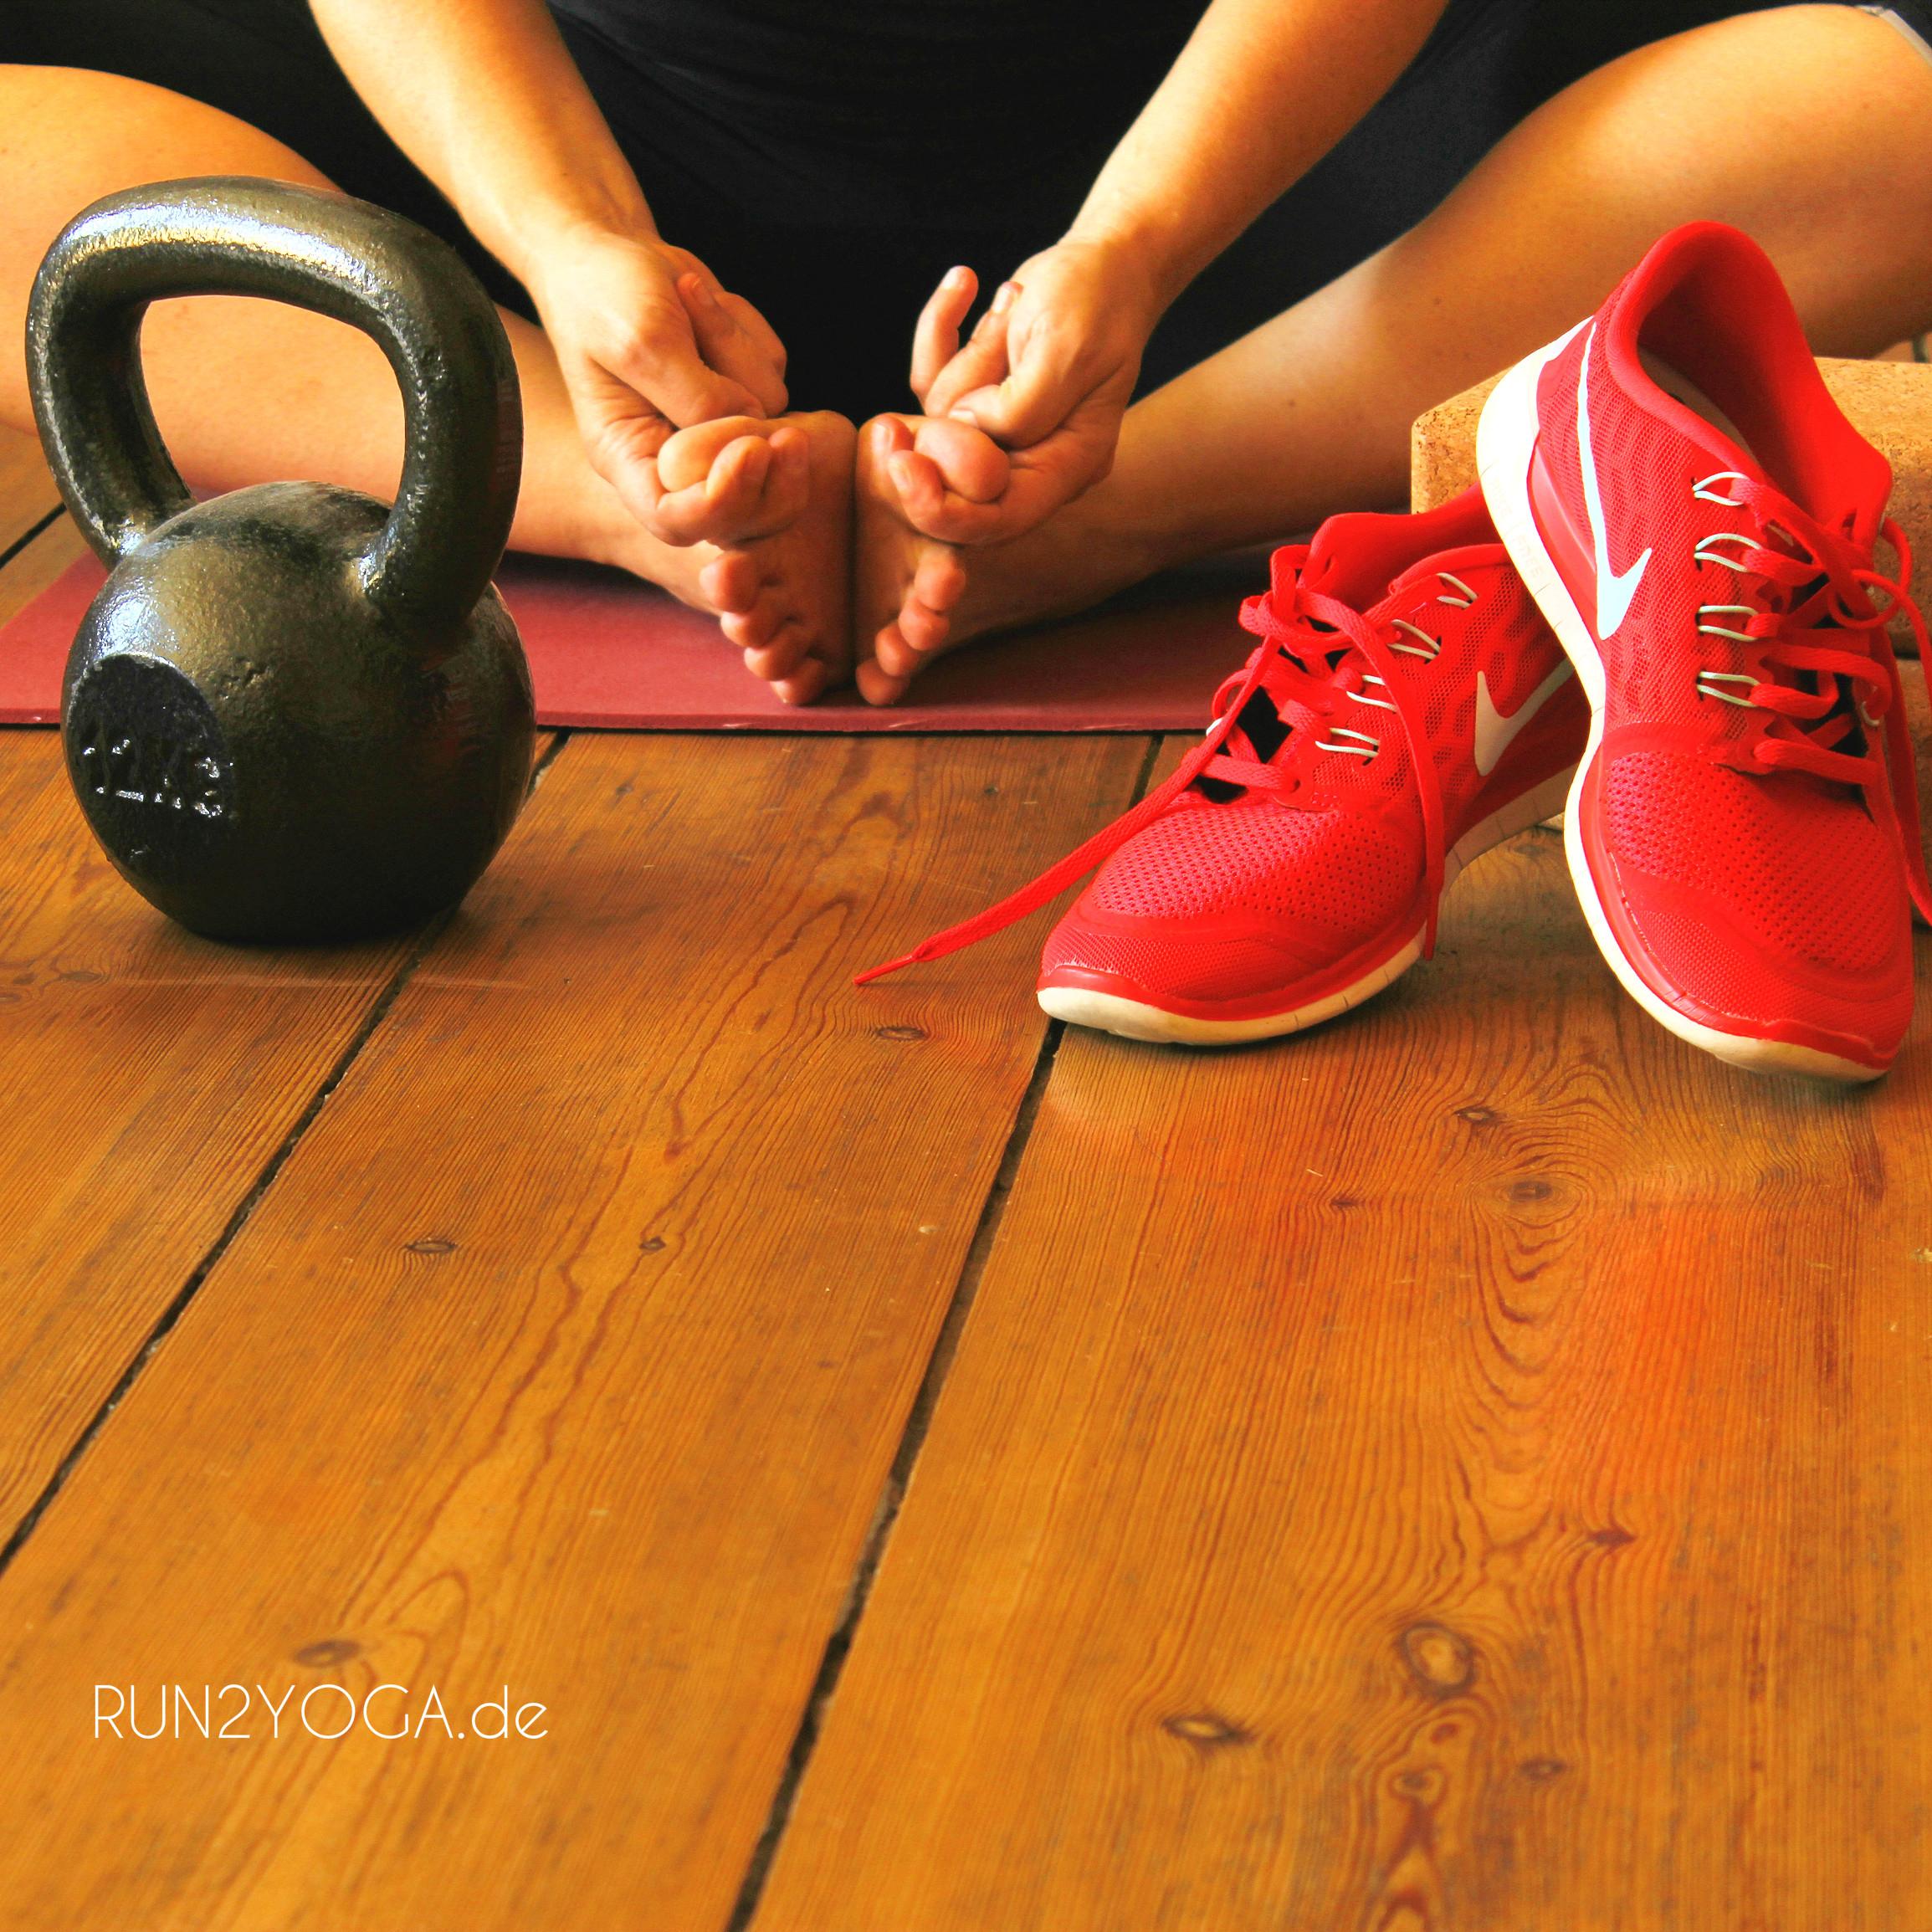 RUN2YOGA - Laufen trifft Yoga